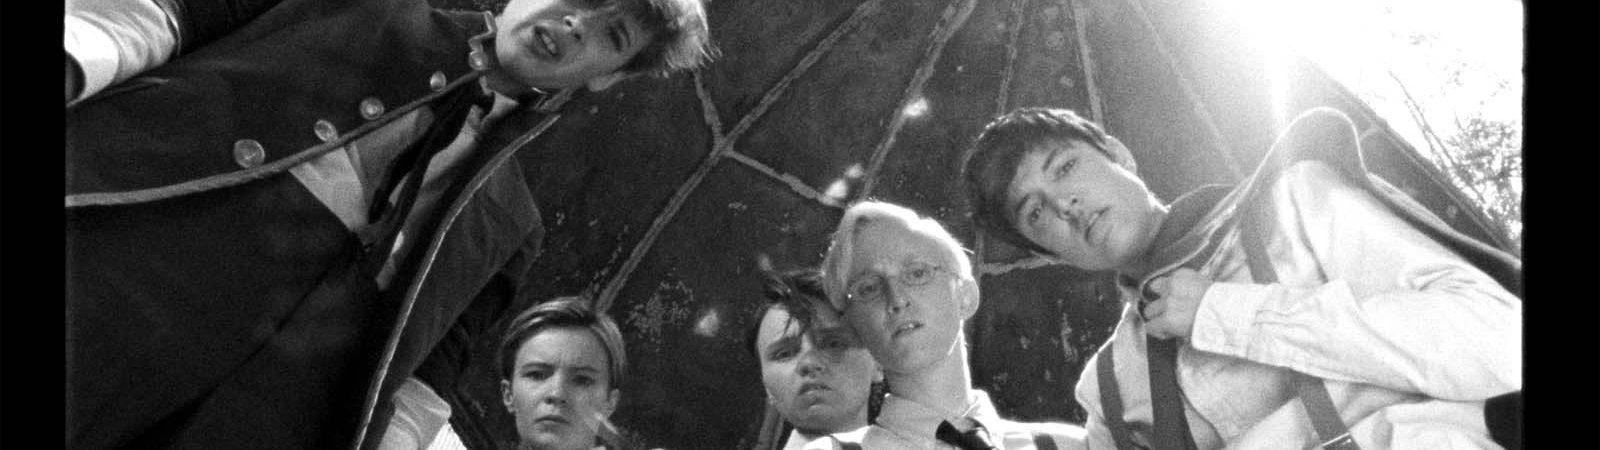 Photo du film : Les Garçons sauvages